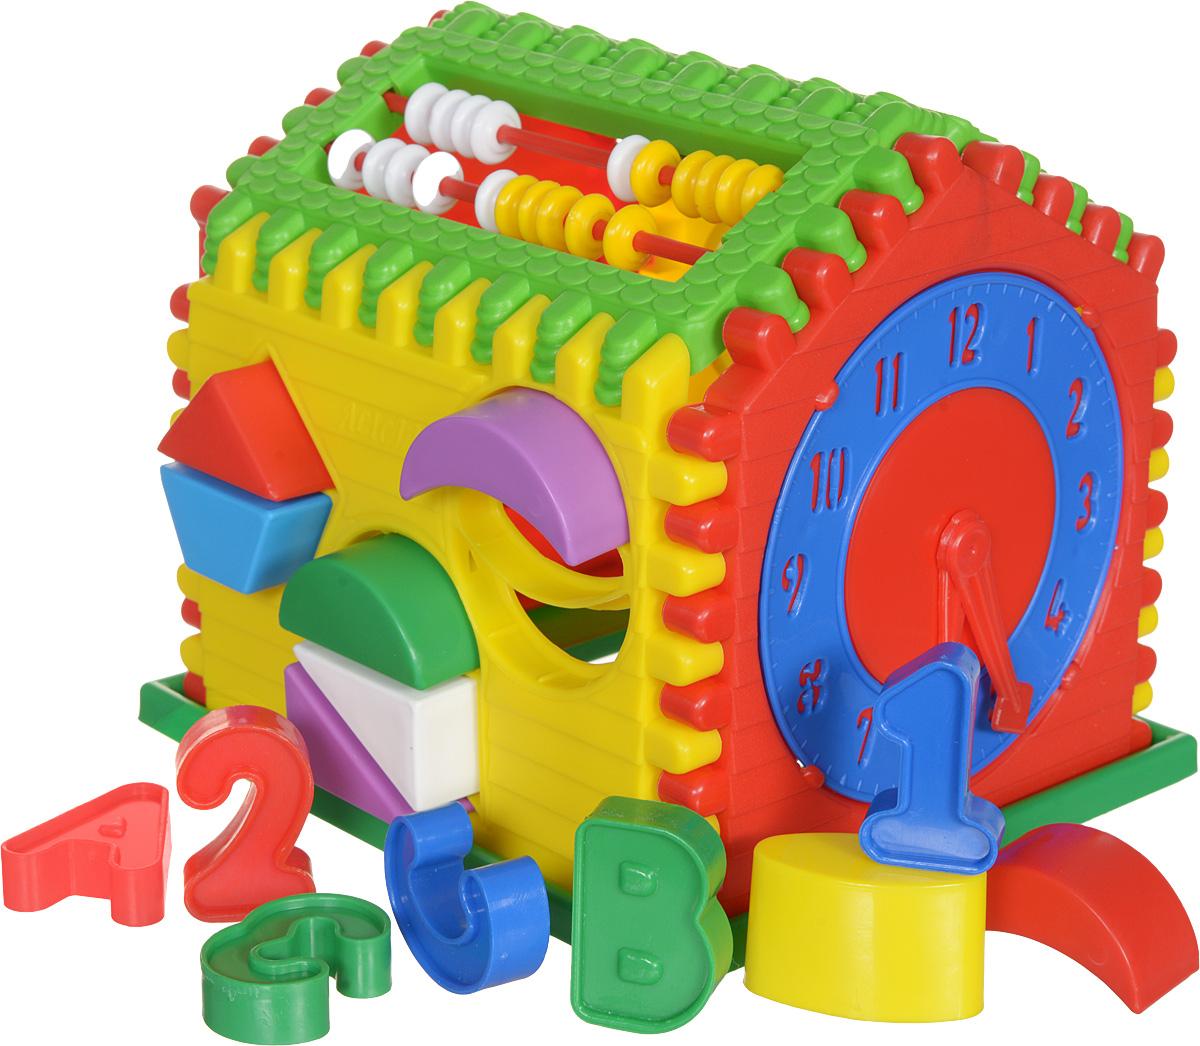 Nina Развивающая игрушка Логический дом00039Логический дом это обучающий центр для малышей со счетами, часами и рамками-вкладышами. С помощью Логического дома можно начинать заниматься с ребенком с раннего возраста и до самой школы. Стены домика представляют собой крупный конструктор-пазл из яркого пластика. Домик можно не собирать целиком, а использовать для обучения нужную вам в данное время деталь-стенку. Например, играть только с часами или счётами. На вращающихся треугольниках наклеены картинки с разными животными, растениями, бытовыми предметами и ваш ребенок знакомится с ними, просто перебирая пальчиками эти элементы. Игра развивает цветовосприятие, мелкую моторику рук, логическое мышление и пространственное воображение. Знакомит детей с геометрическими фигурами, цифрами и некоторыми буквами. Уважаемые клиенты! Обращаем ваше внимание на цветовой ассортимент деталей товара. Поставка осуществляется в зависимости от наличия на складе.